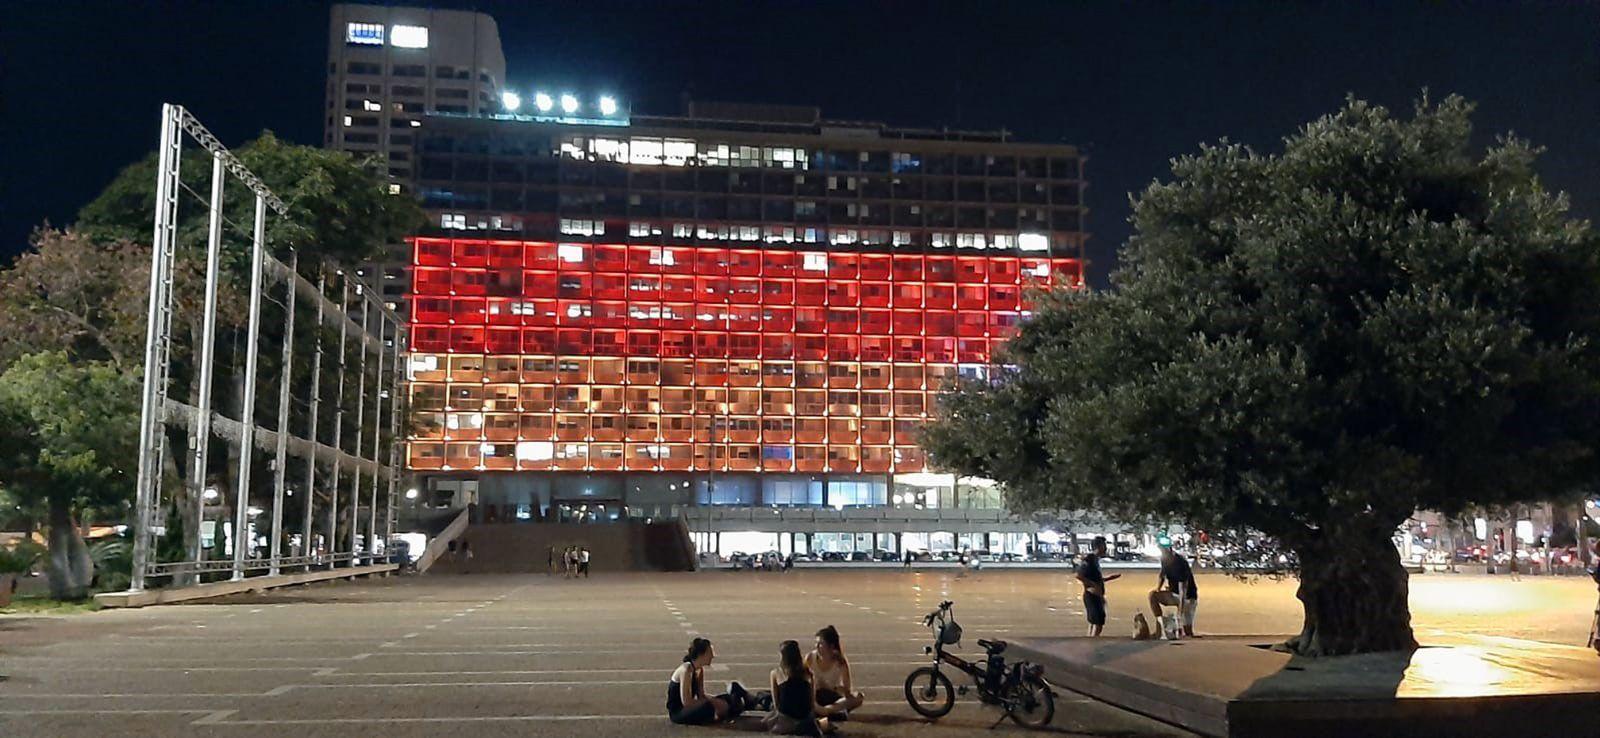 Tel Aviver Rathaus in deutschen Farben